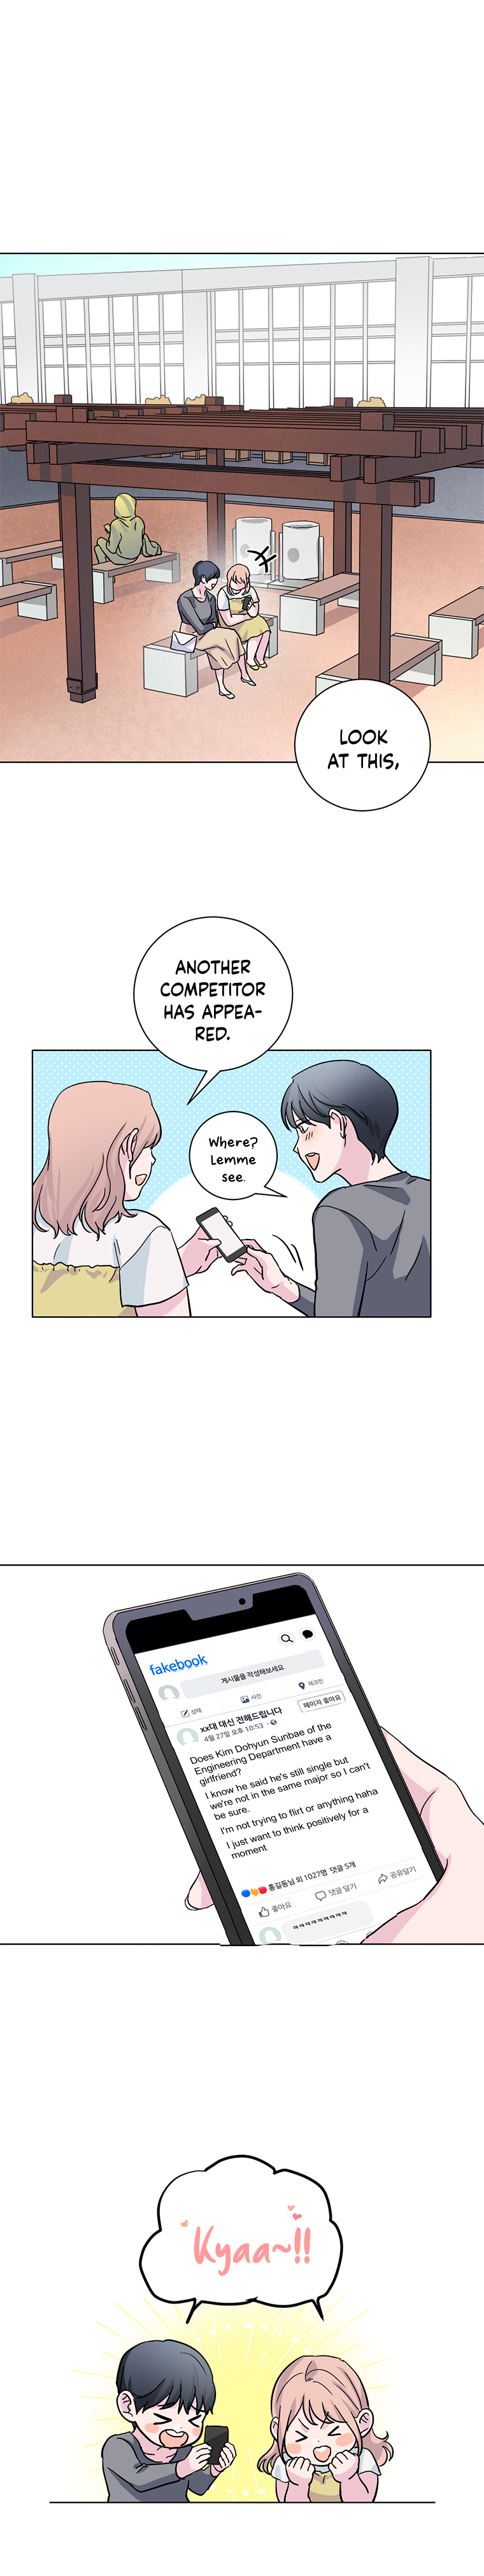 https://img2.nineanime.com/comics/pic4/58/28602/1656675/d81f3fc41fc0037e8a9044dc05ede41e.jpg Page 1